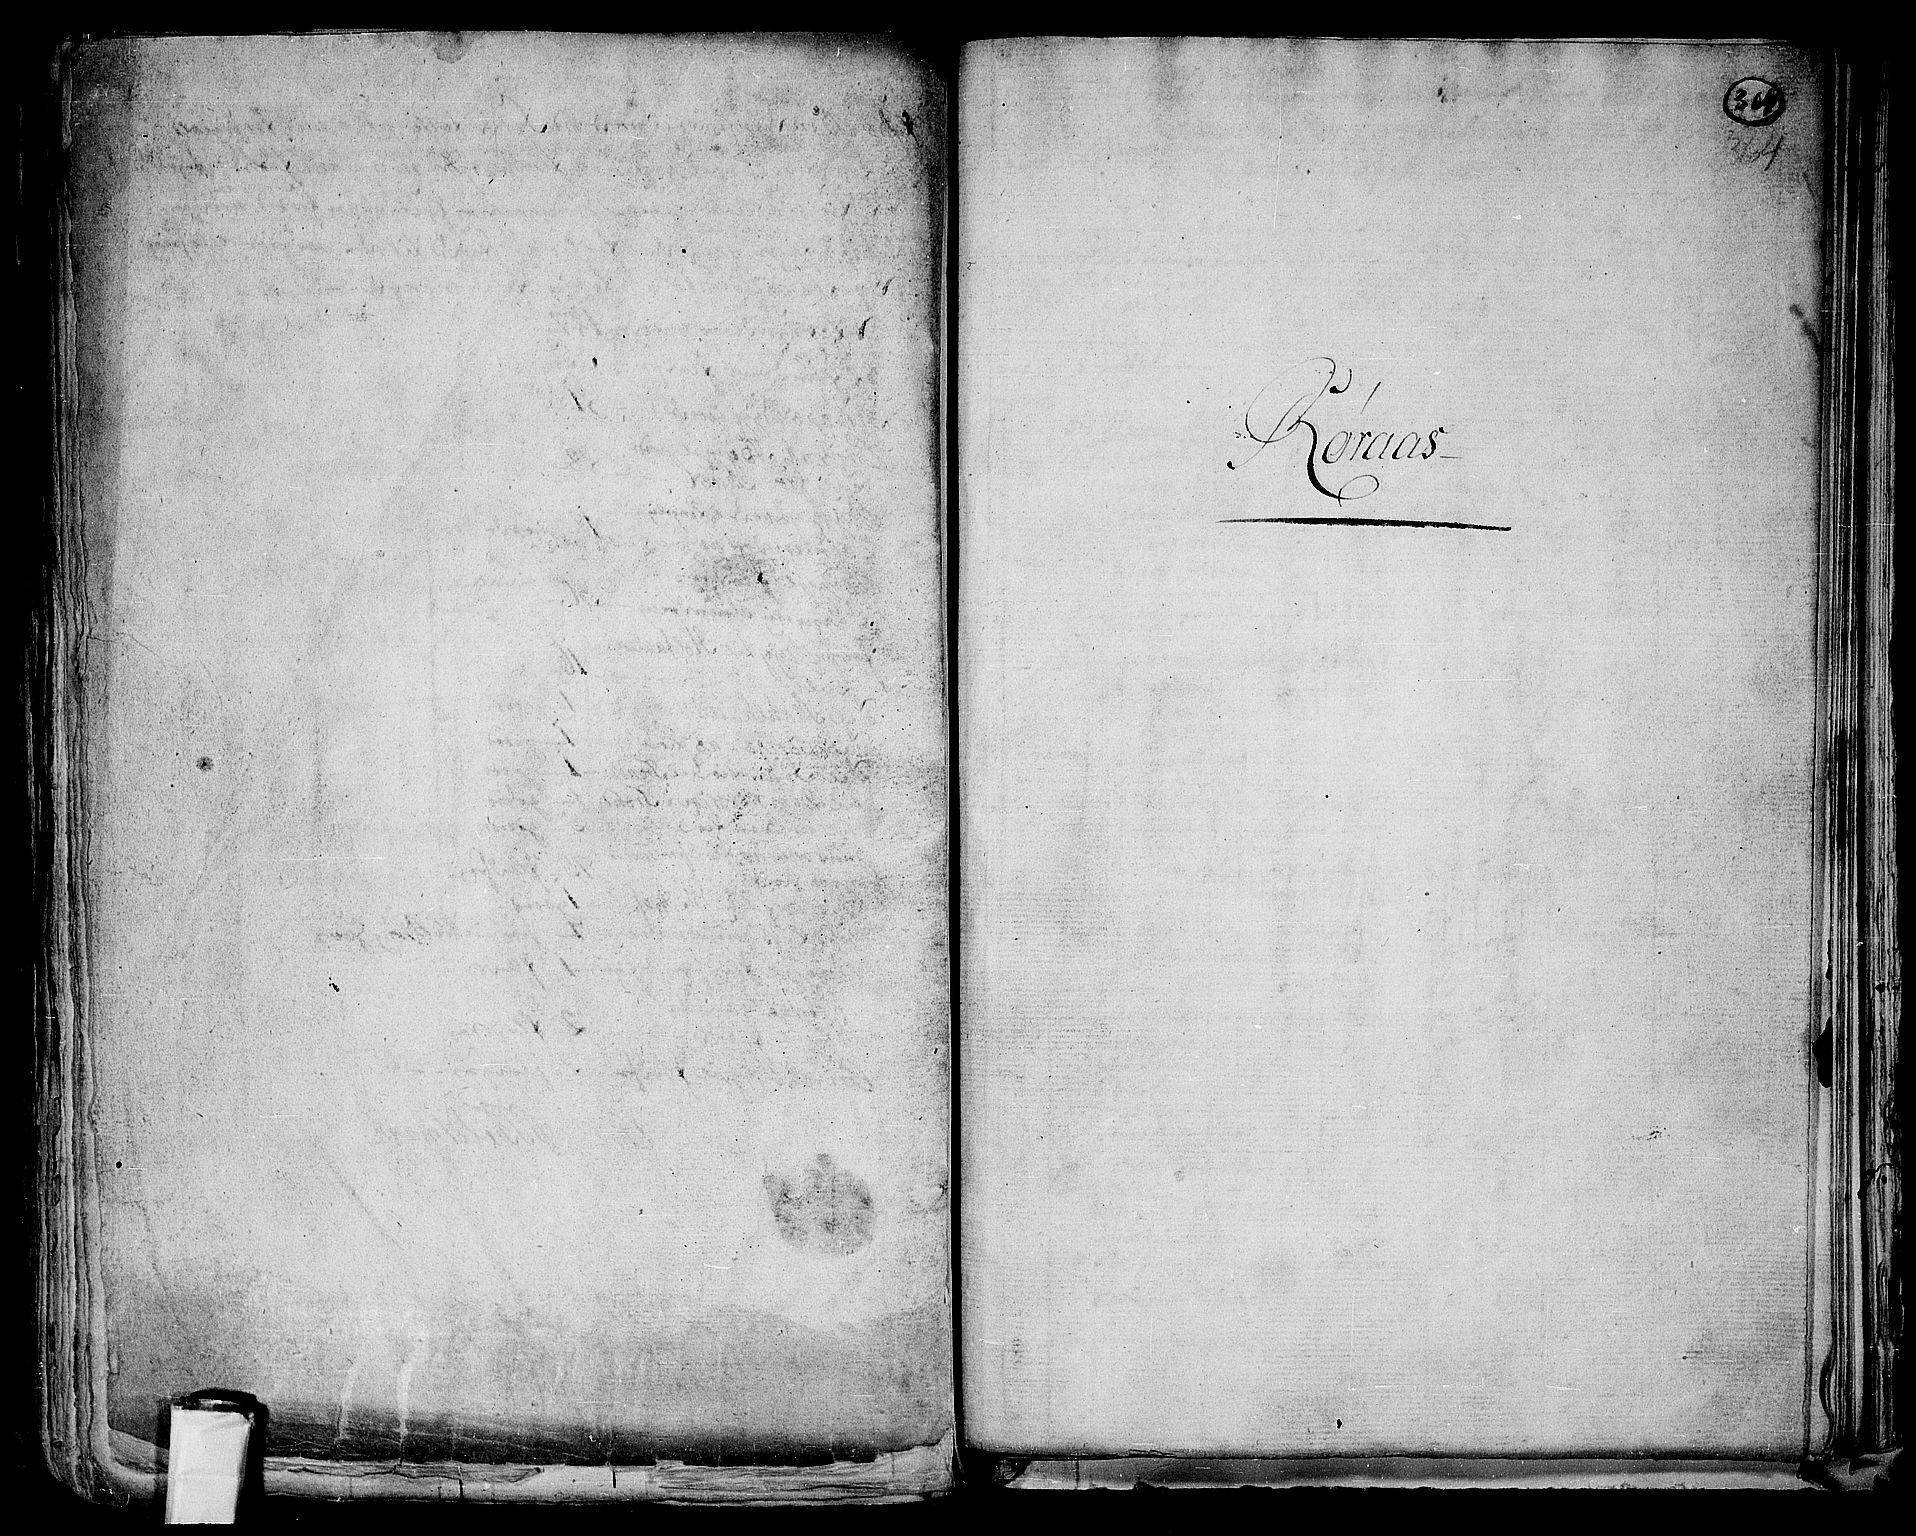 RA, Folketelling 1801 for 1640P Røros prestegjeld, 1801, s. 363b-364a